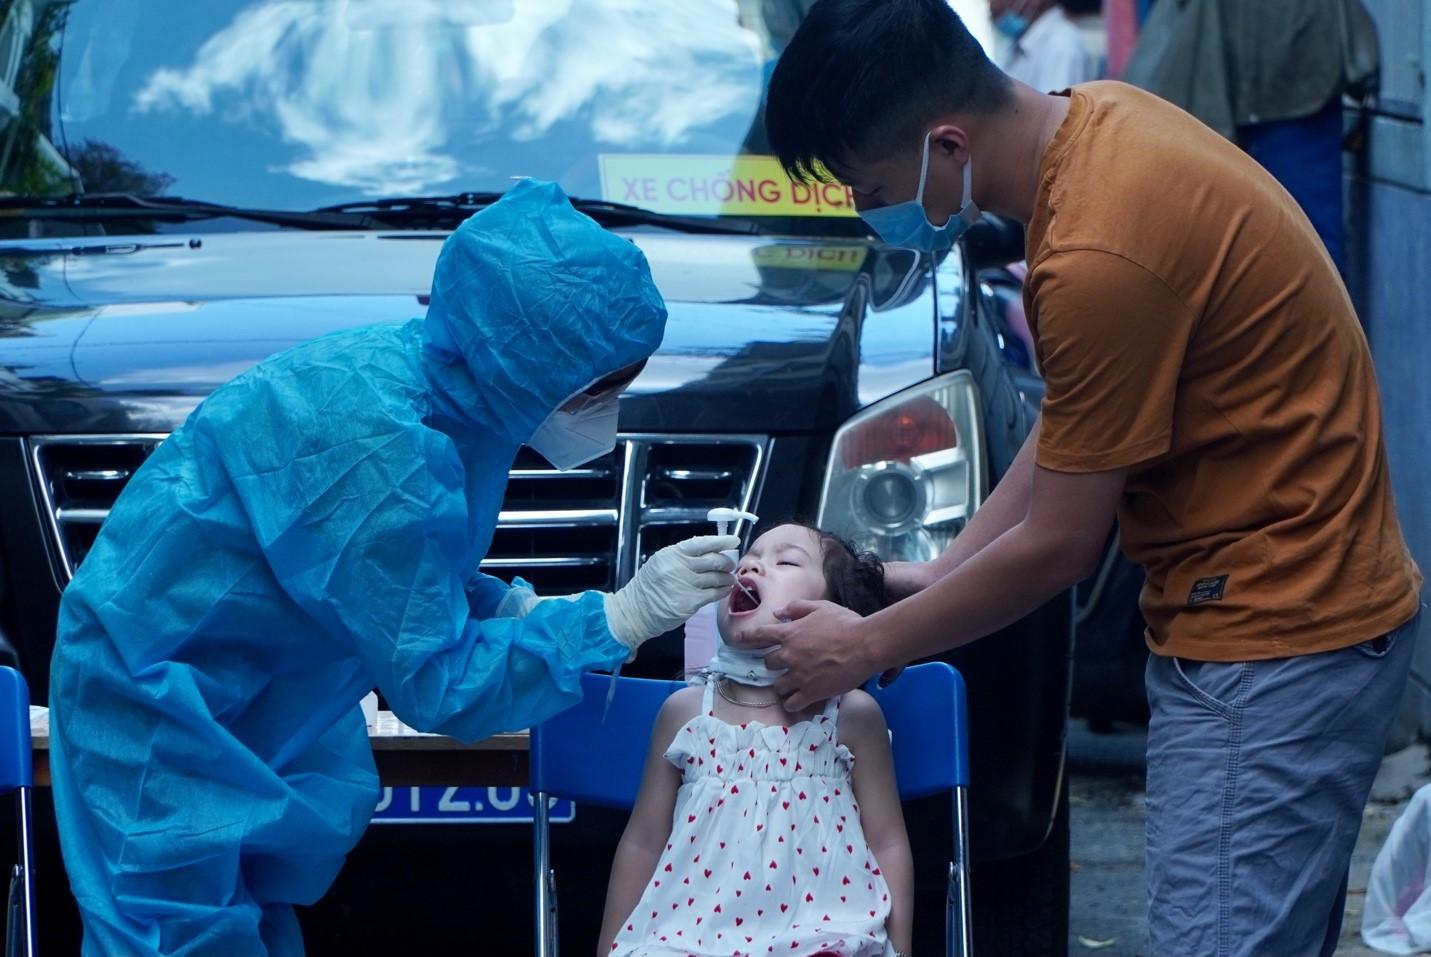 Lấy mẫu xét nghiệm cho một em bé ở quận 3 sau khi có 1 trường hợp nhiễm COVID-19 bị phát hiện. Ảnh: HCDC